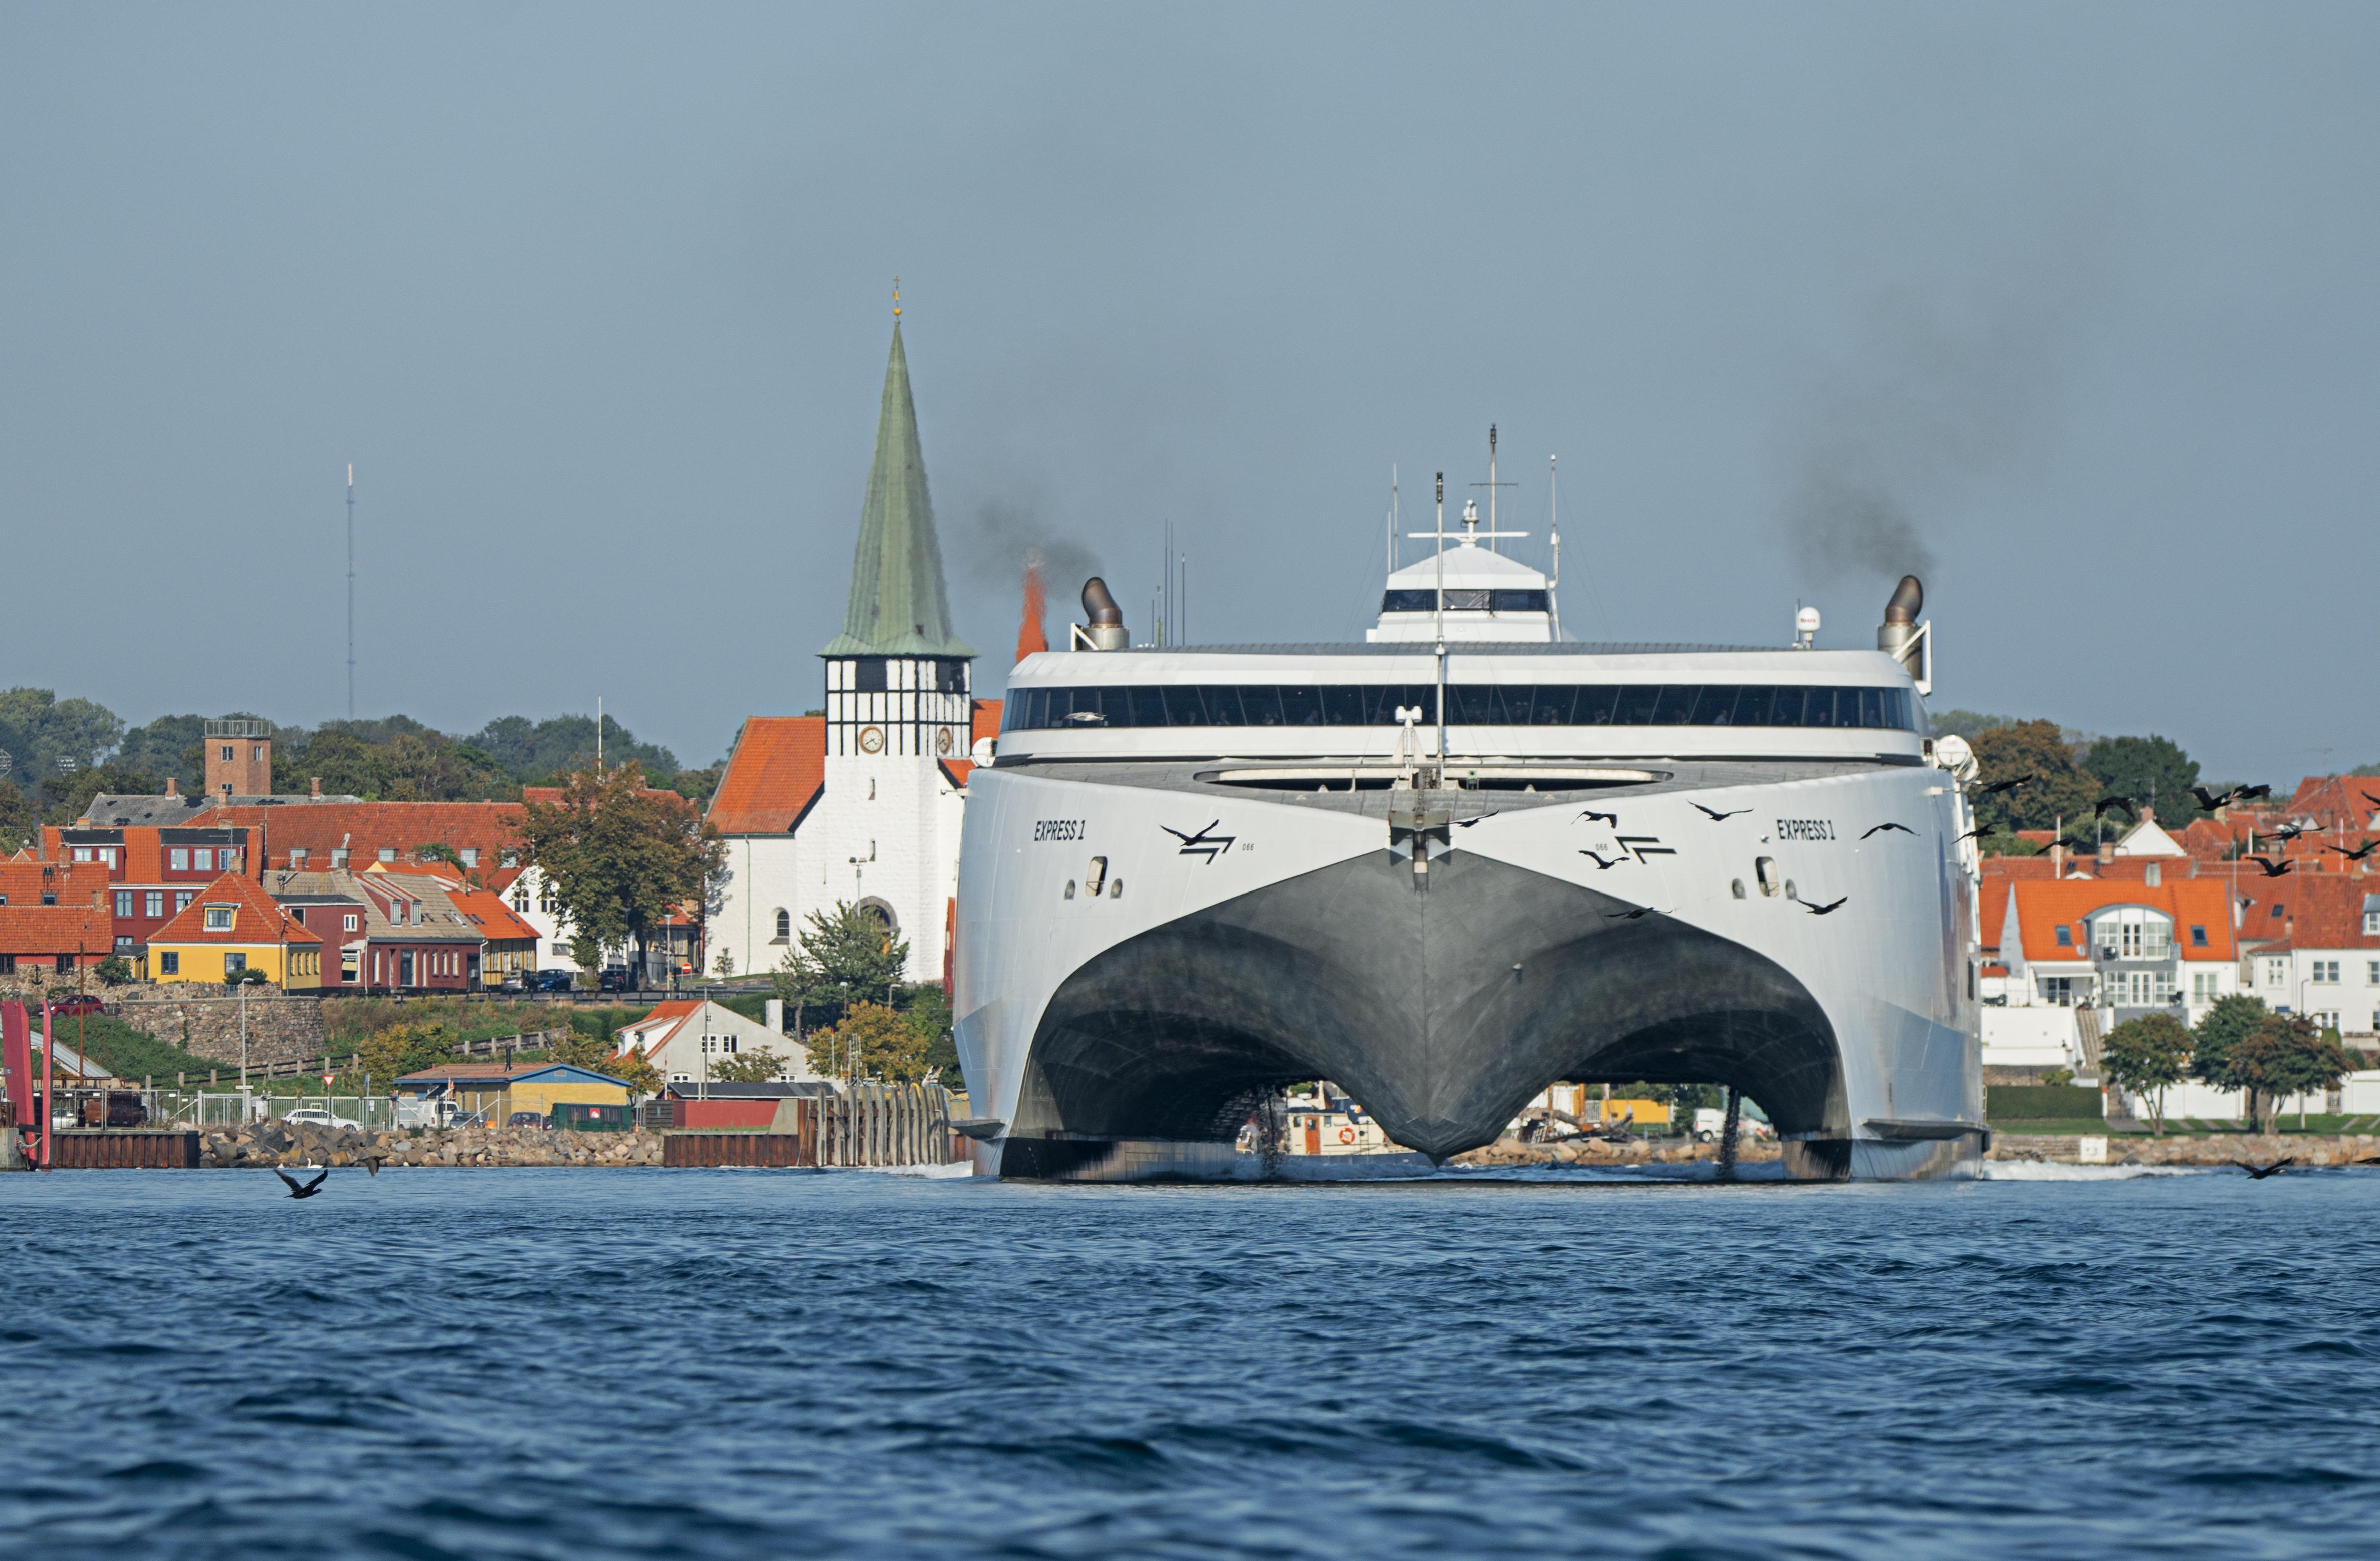 Molslinjen kommer tæt på at have monopol på større danske færgeruter. Udover Molslinjen har rederiet betjeningen af Bornholm med blandt andet katamaranen Express 1, billedet – nu overtager rederiet yderligere fire danske færgeruter. Foto: Molslinjen.